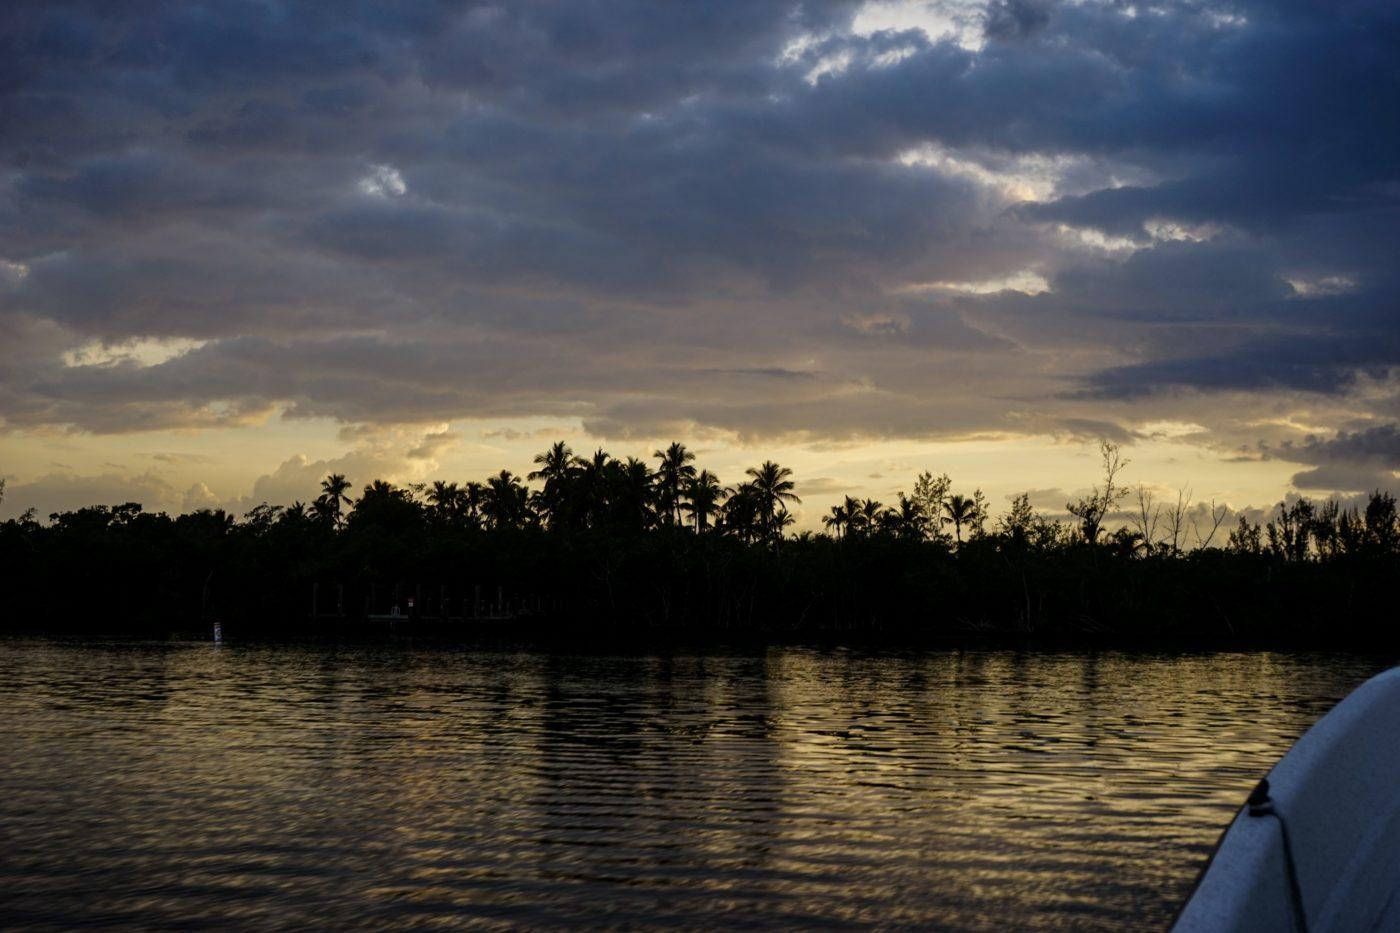 Sun setting over Keewaydin Island